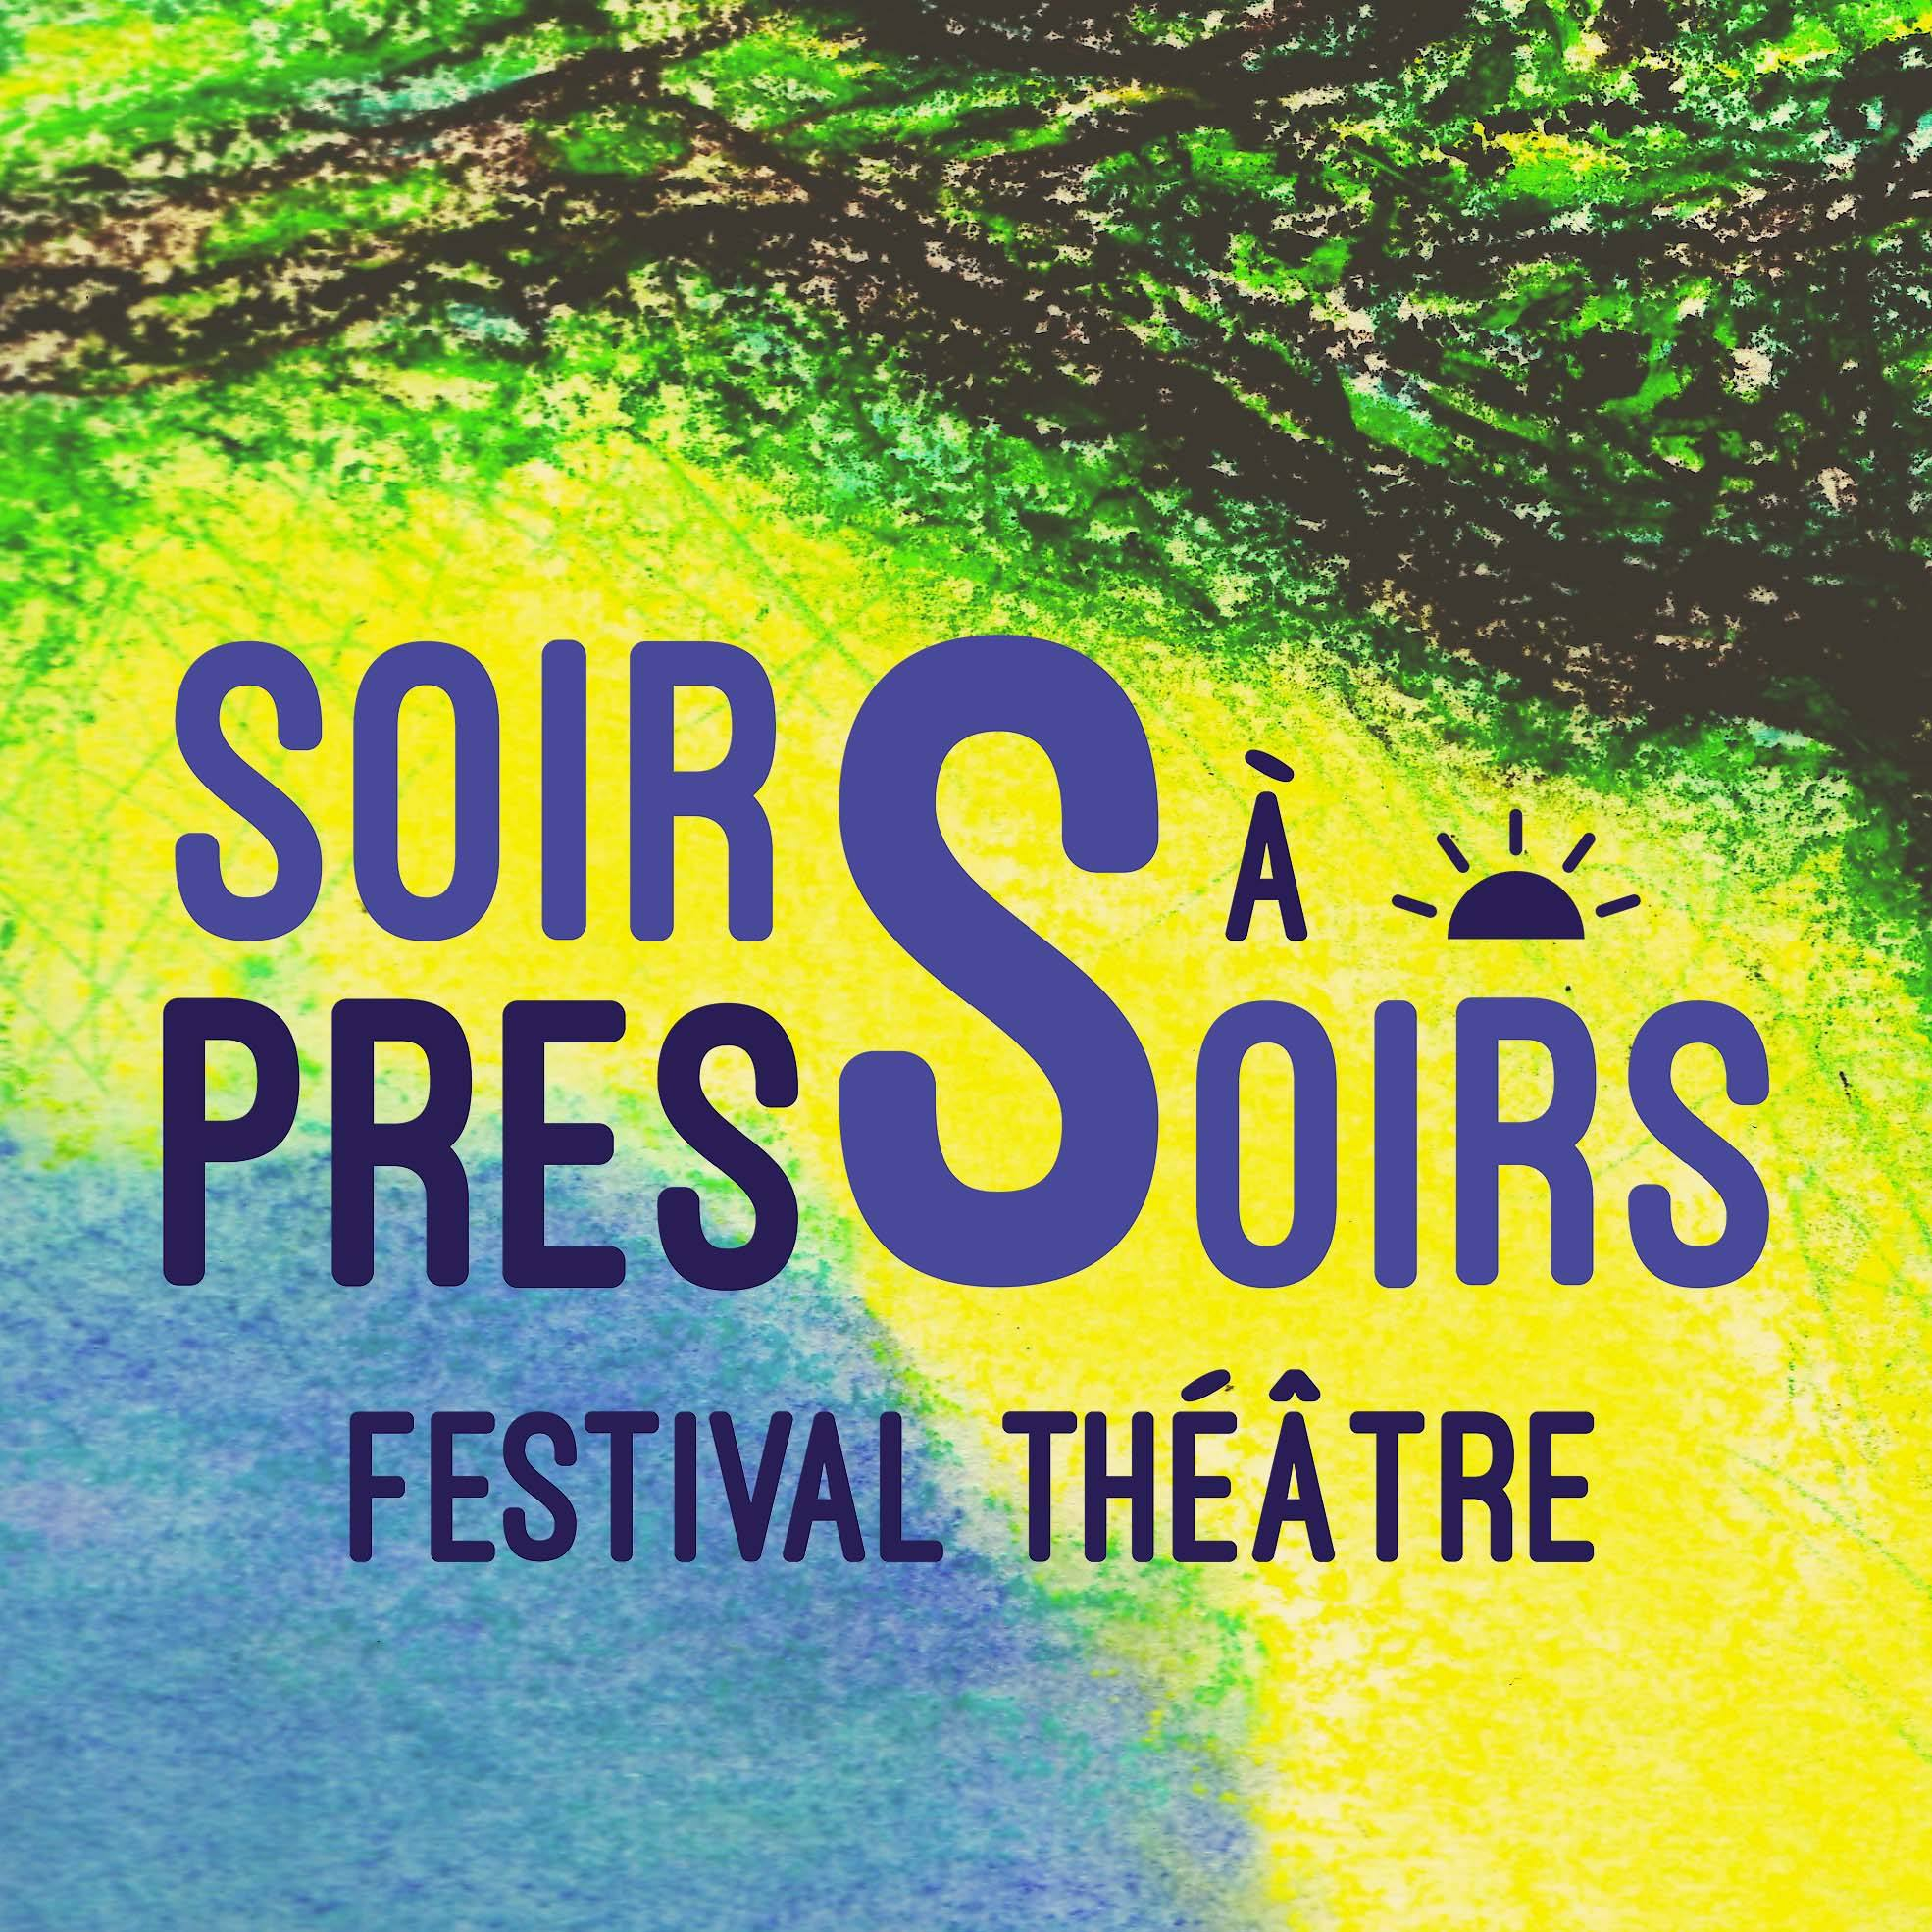 Festival de théâtre Soirs à Pressoirs